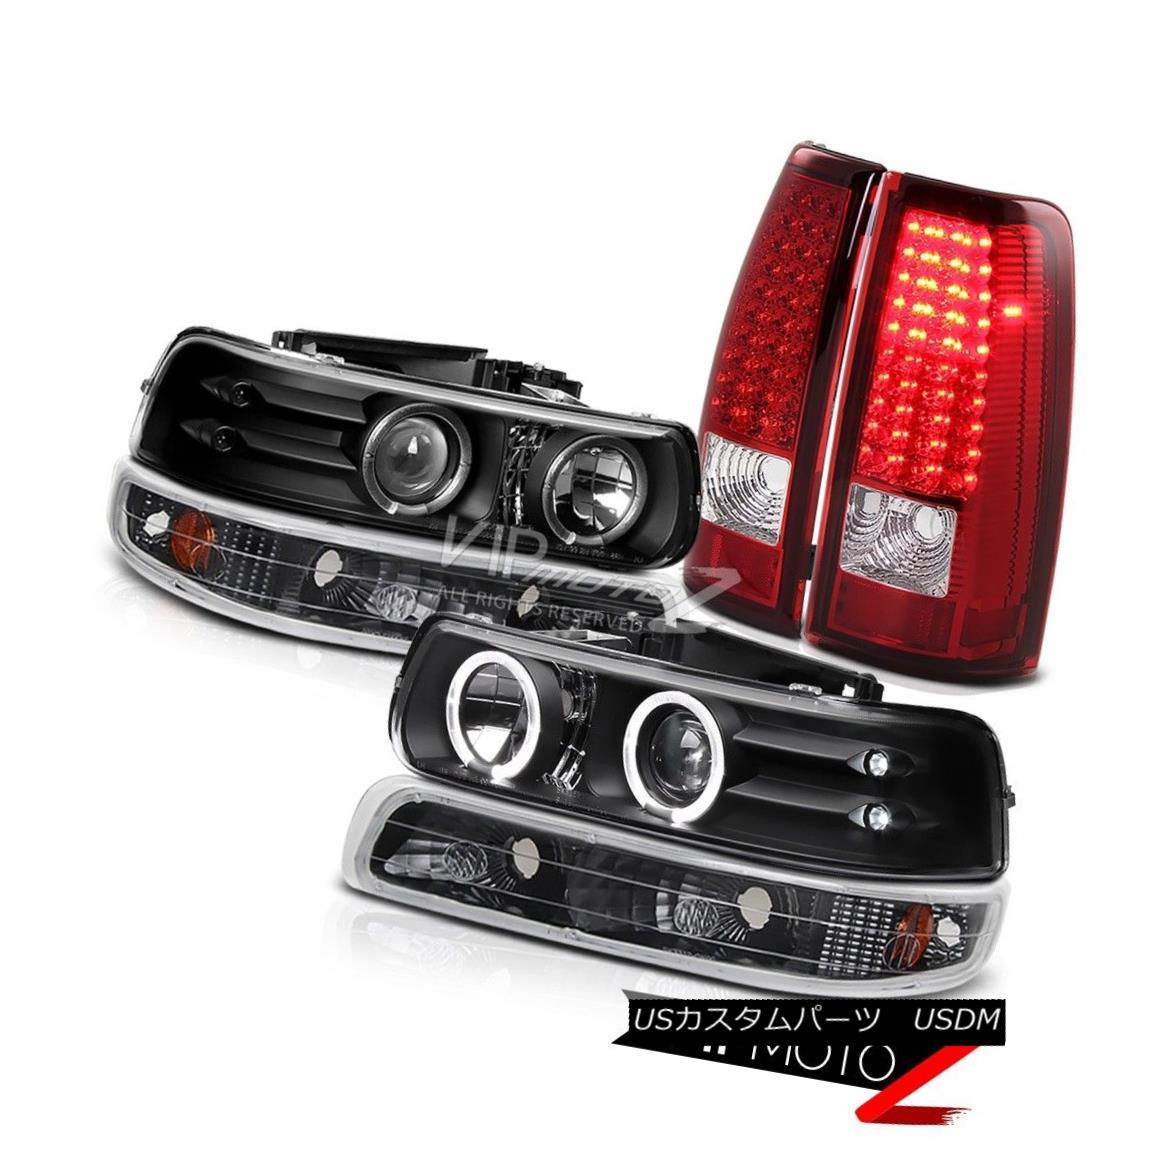 ヘッドライト Black Halo Projector Headlight+Bumper Parking Lamp+RED/CLEAR LED Tail Light L+R ブラックハロープロジェクターヘッドライト+バンプ erパーキングランプ+ RED / CLEAR LEDテールライトL + R